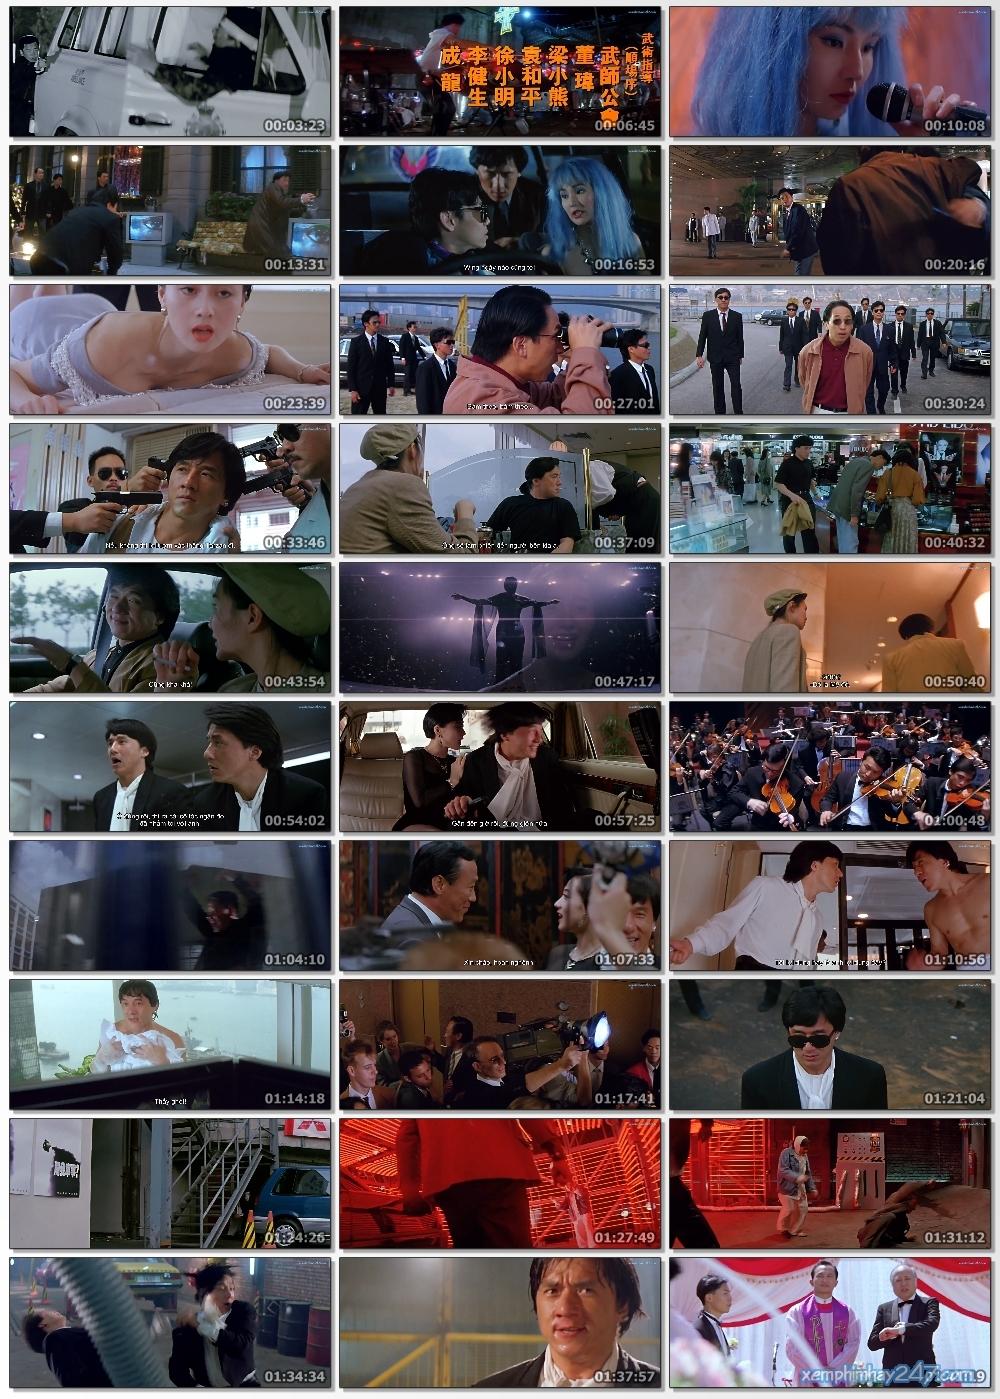 http://xemphimhay247.com - Xem phim hay 247 - Song Long Hội (1992) - Twin Dragons (1992)